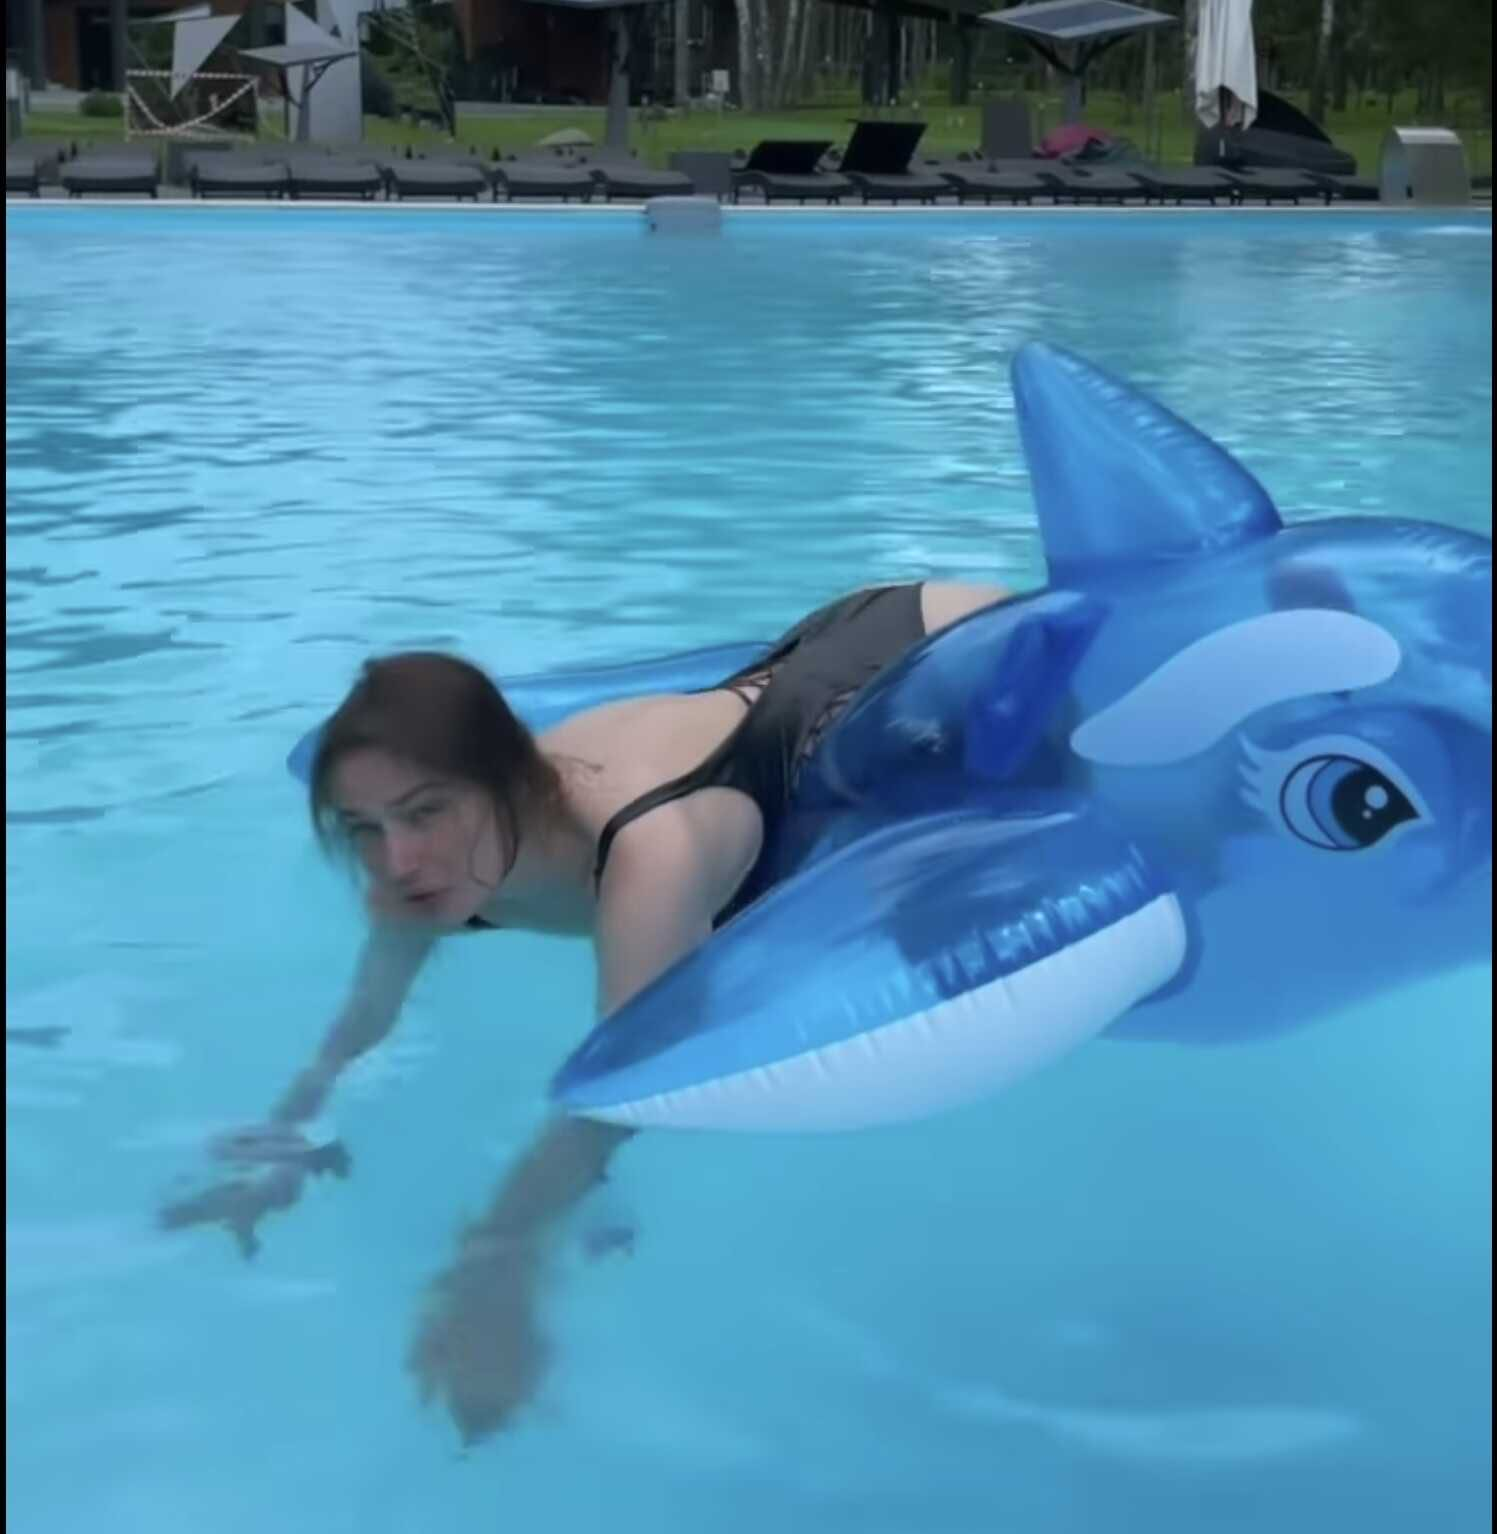 «Я жирная!»: призналась Алена Водонаева и показала голую попку, забравшись на надувного кита